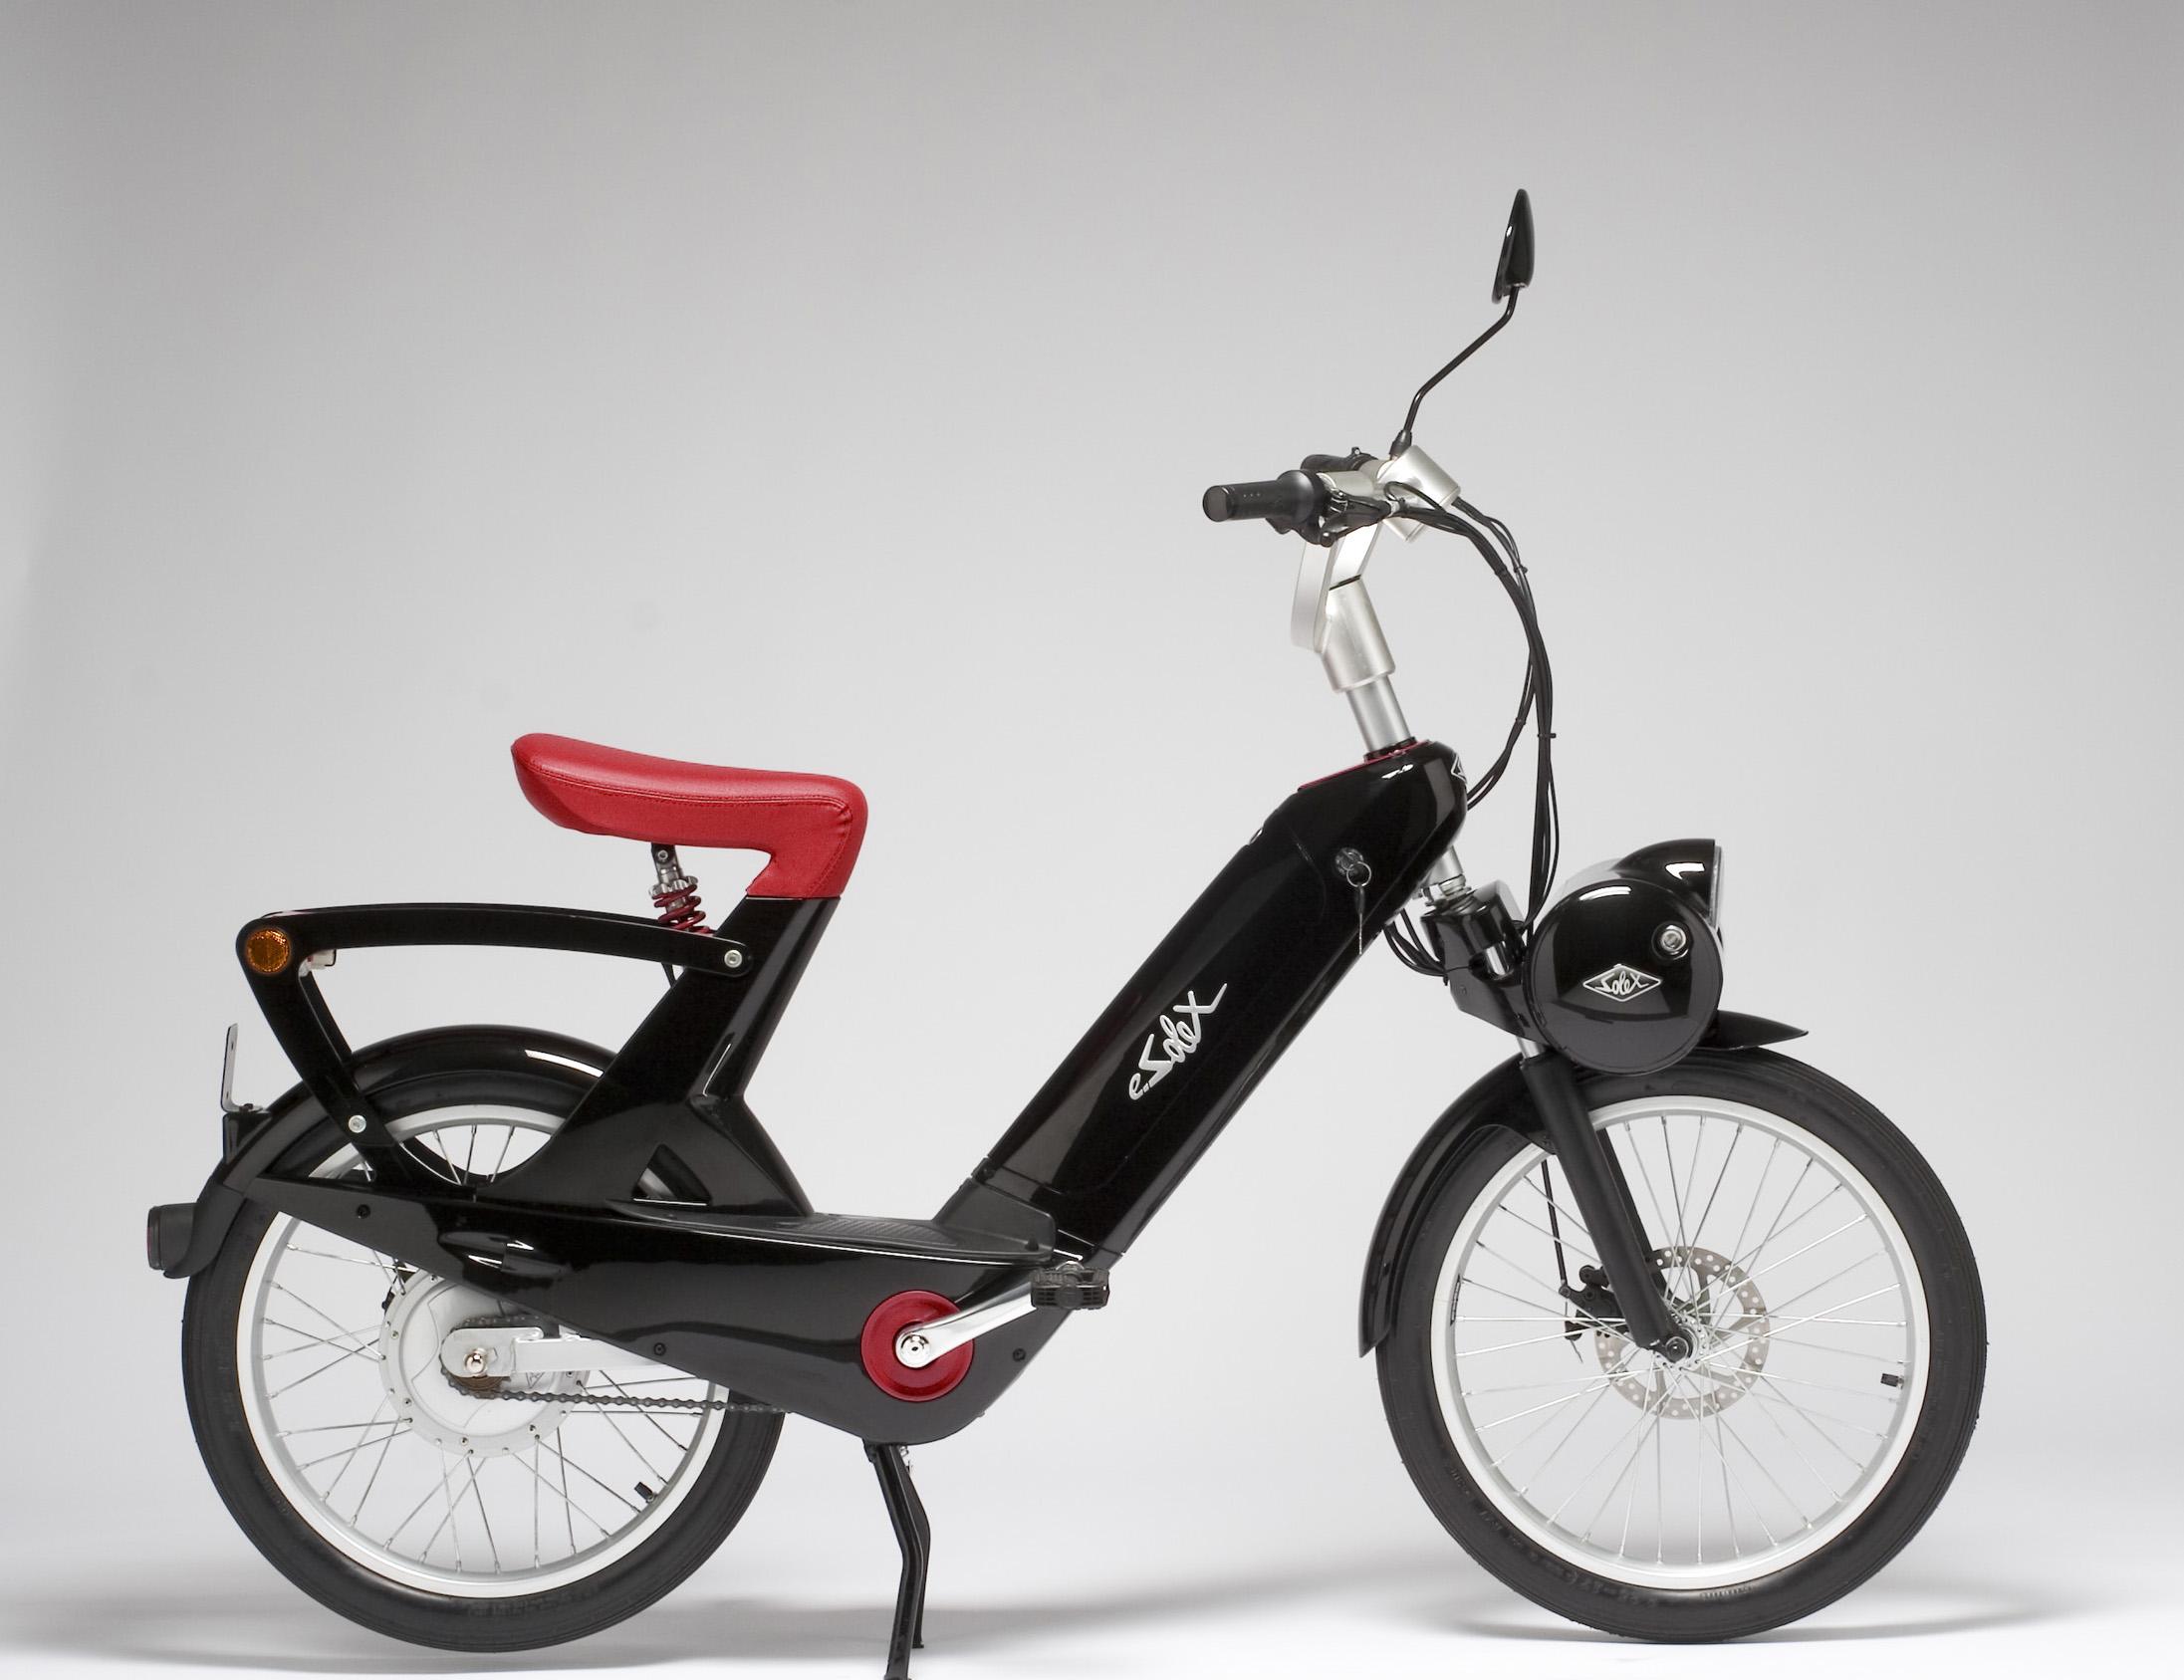 bici elettriche a pedalata assistita perch scegliere bnr green mobility. Black Bedroom Furniture Sets. Home Design Ideas